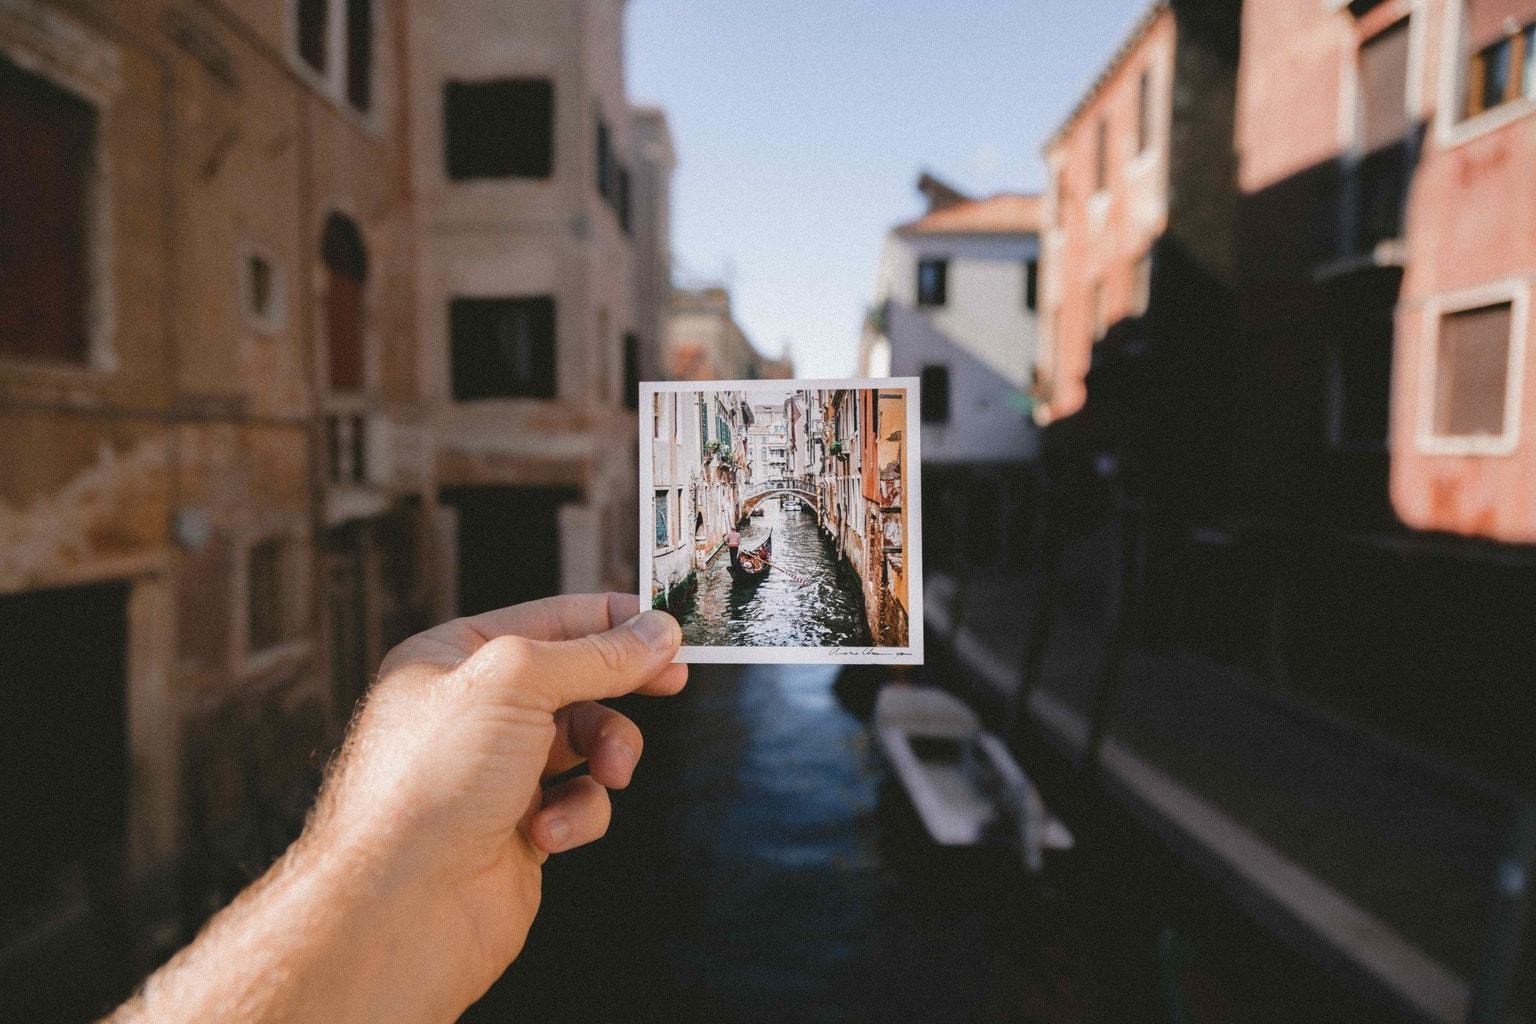 Foto impresa de canal de Venecia sobre canal de Venecia